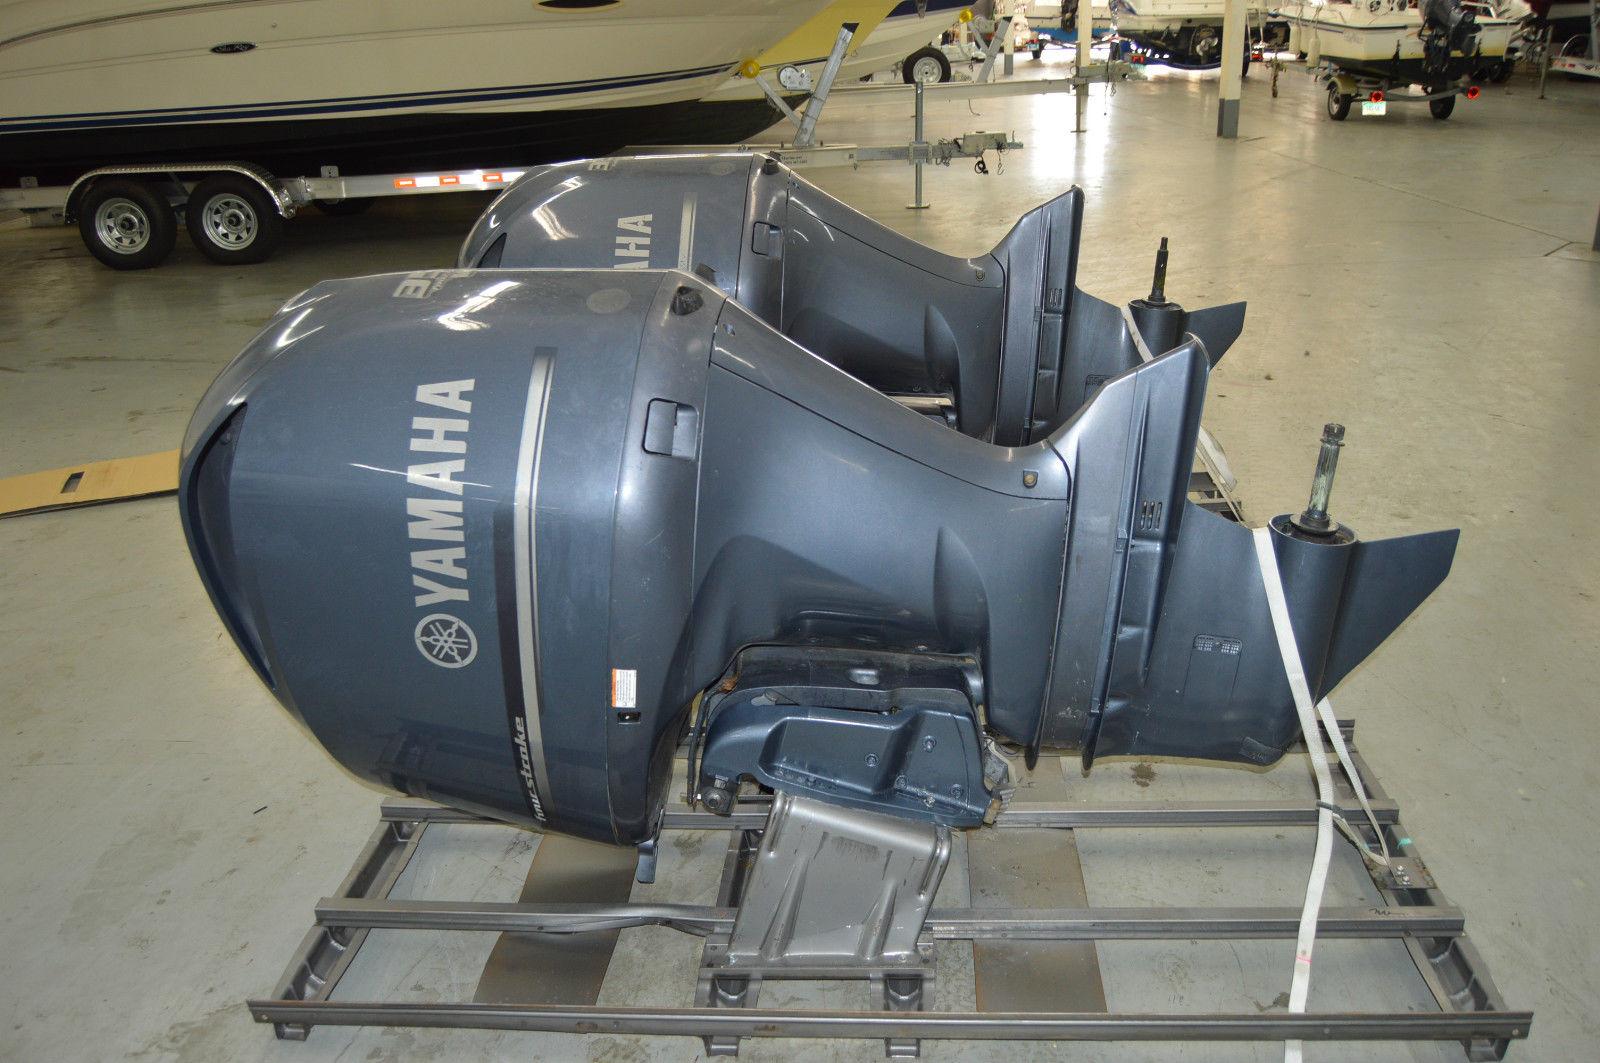 Ogłoszenie darmowe. Lokalizacja:  new york. SERVICES - Transportation. Yamaha vmax SHO 250HP Outboard.